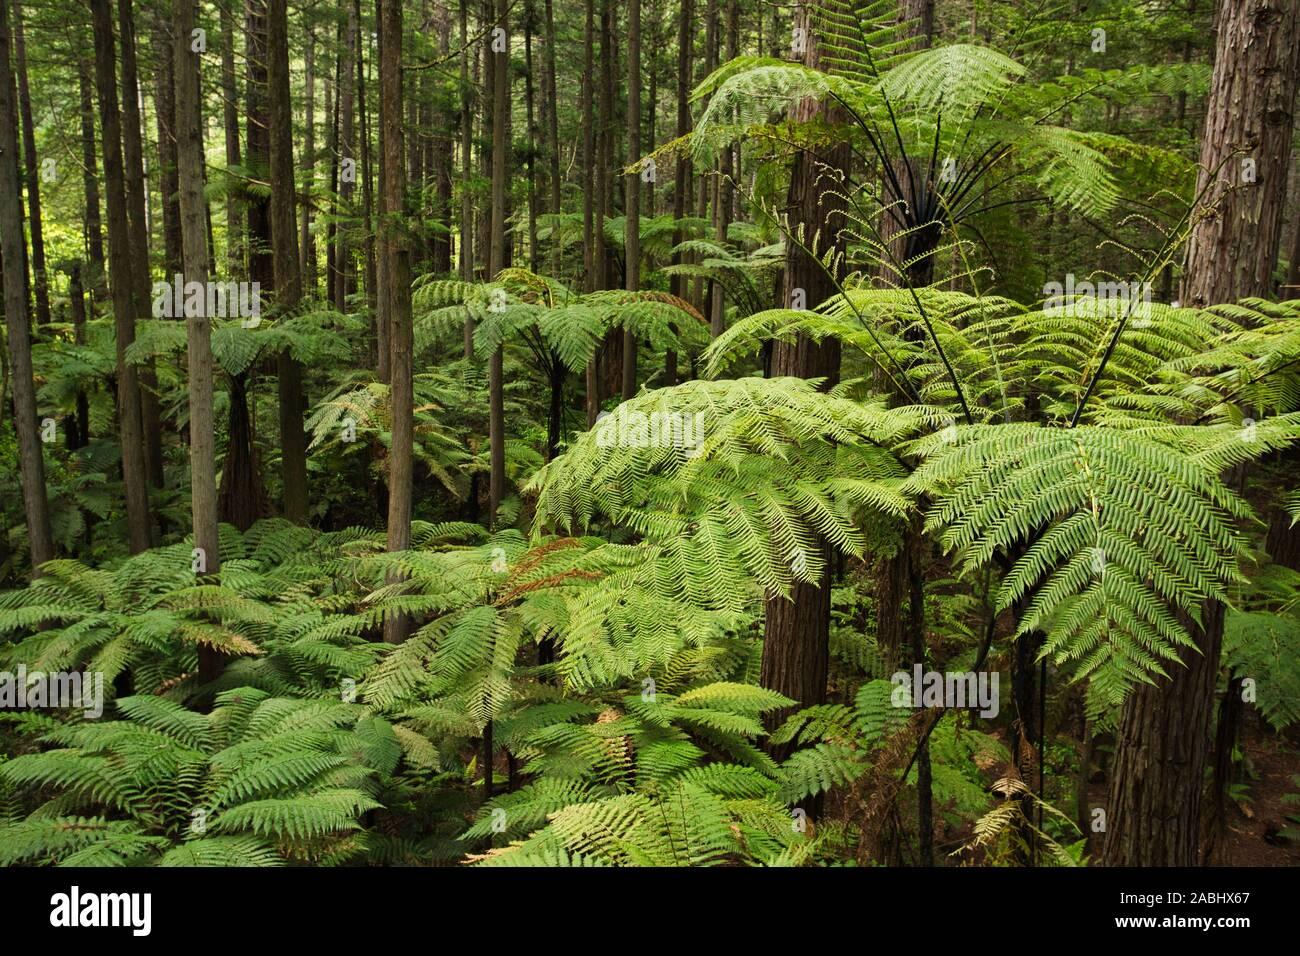 Wald von Baumfarne und riesigen Redwoods in Whakarewarewa Forest in der Nähe von Rotorua, Neuseeland Stockfoto